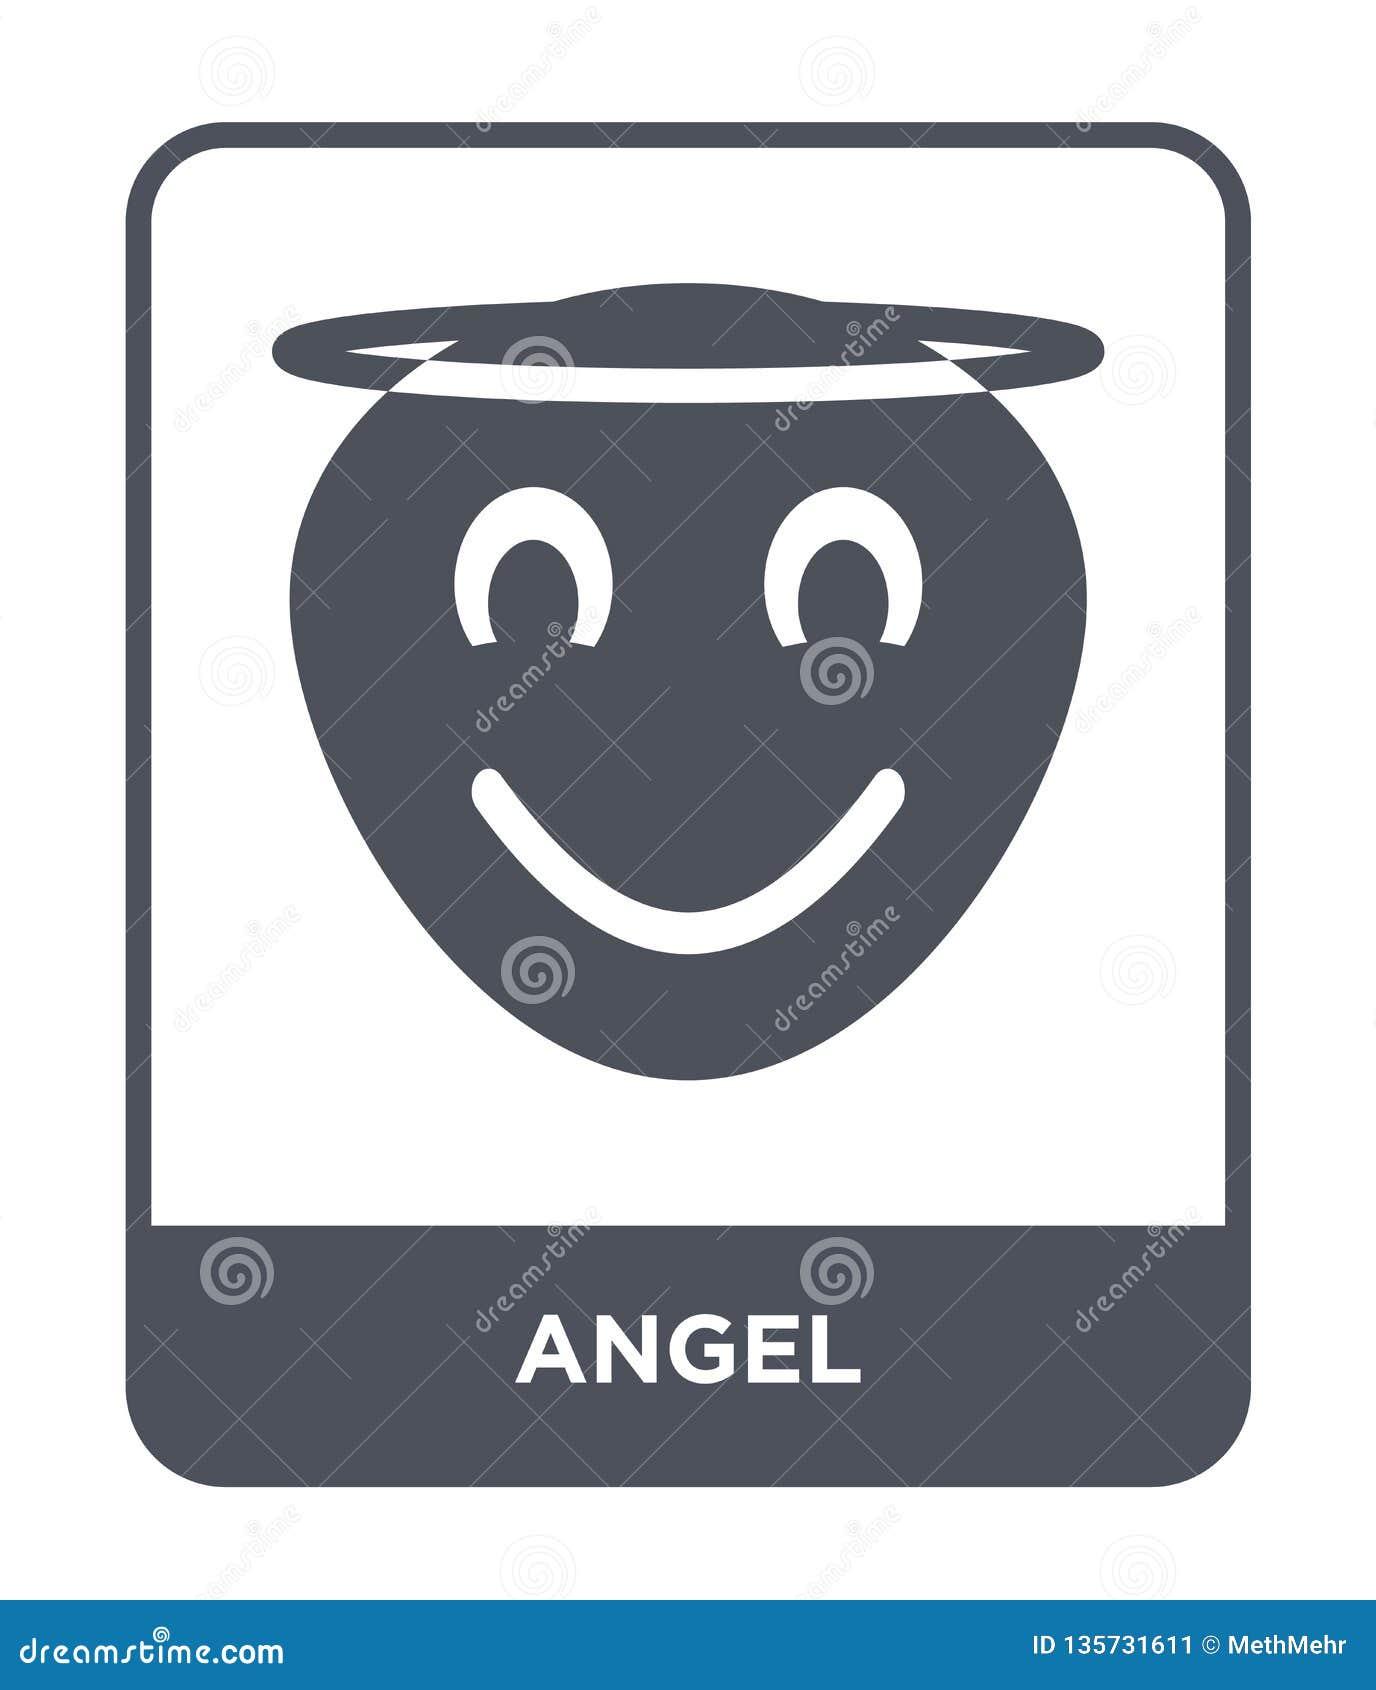 Icono del ángel en estilo de moda del diseño Icono del ángel aislado en el fondo blanco símbolo plano simple y moderno del icono